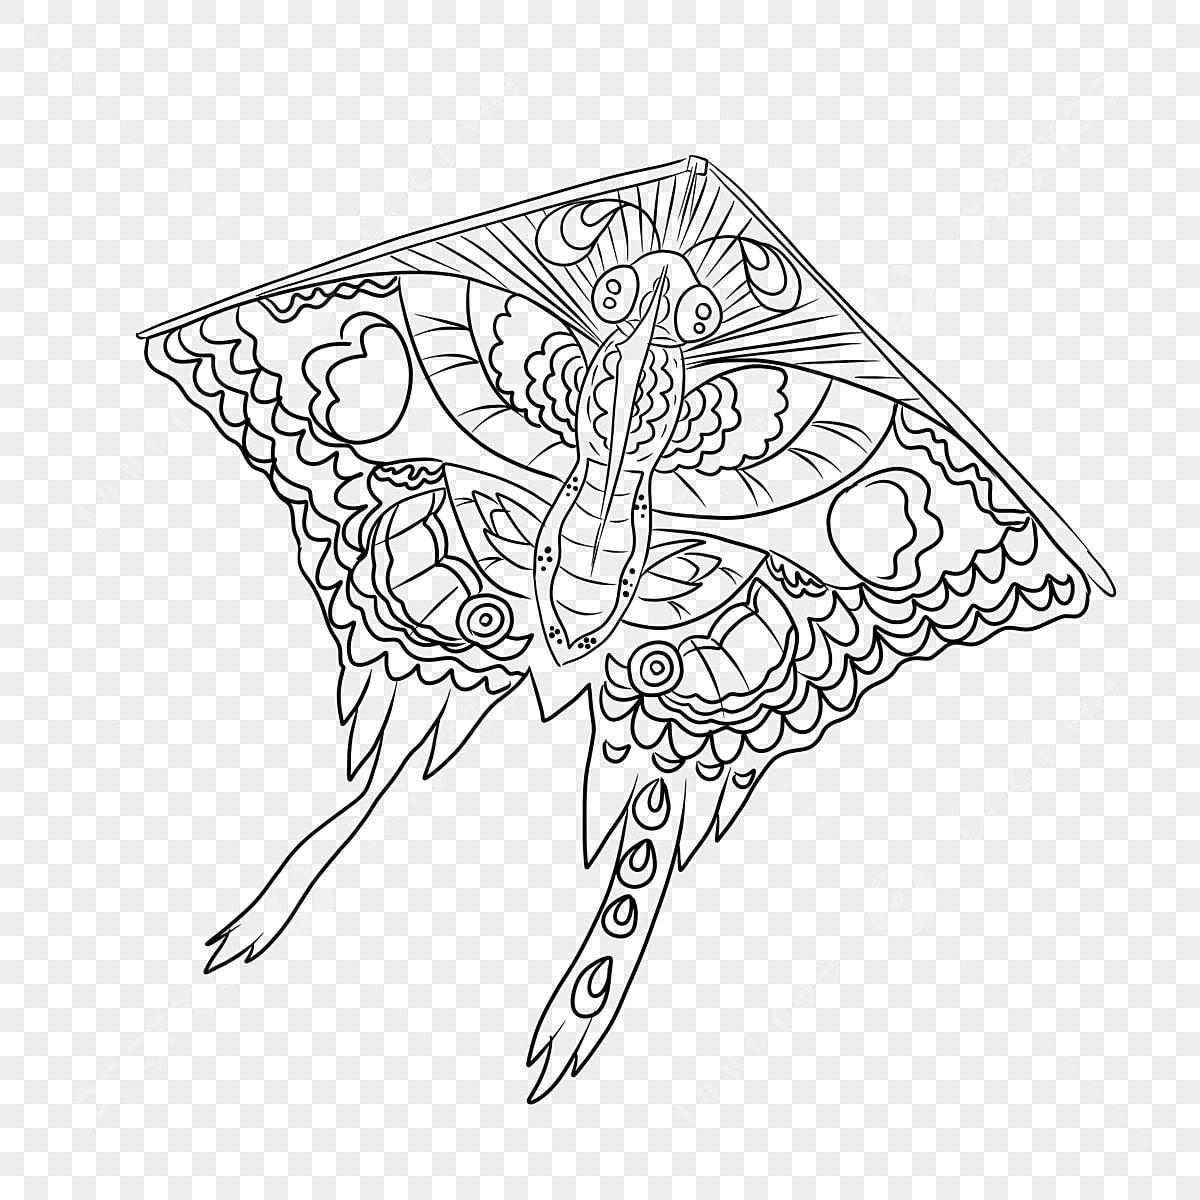 Gambar Kite Ilustrasi Vektor Lukisan Garis Corak Layang Layang Lukisan Garis Corak Png Dan Psd Untuk Muat Turun Percuma